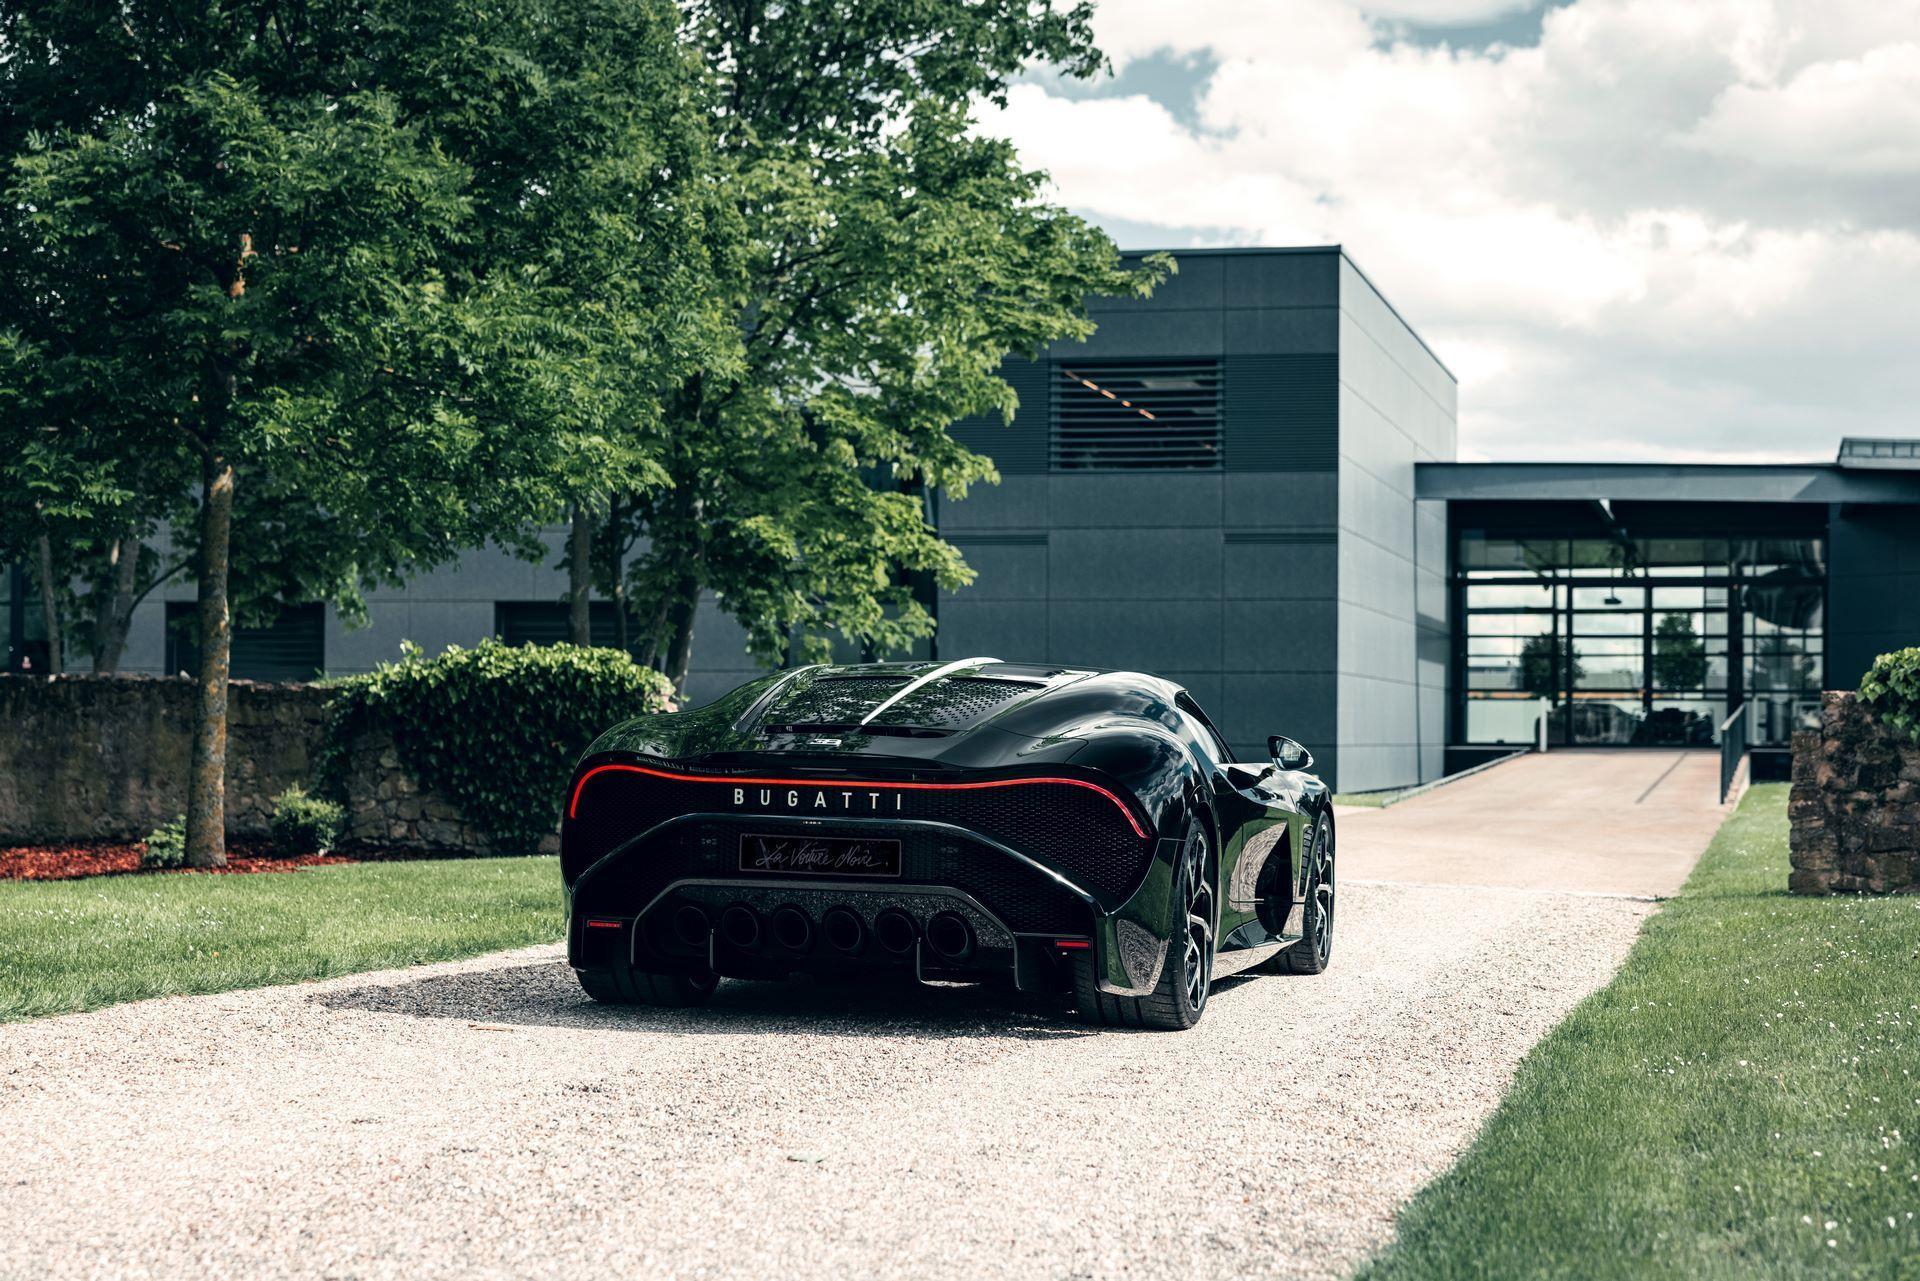 Bugatti-La-Voiture-Noire-11